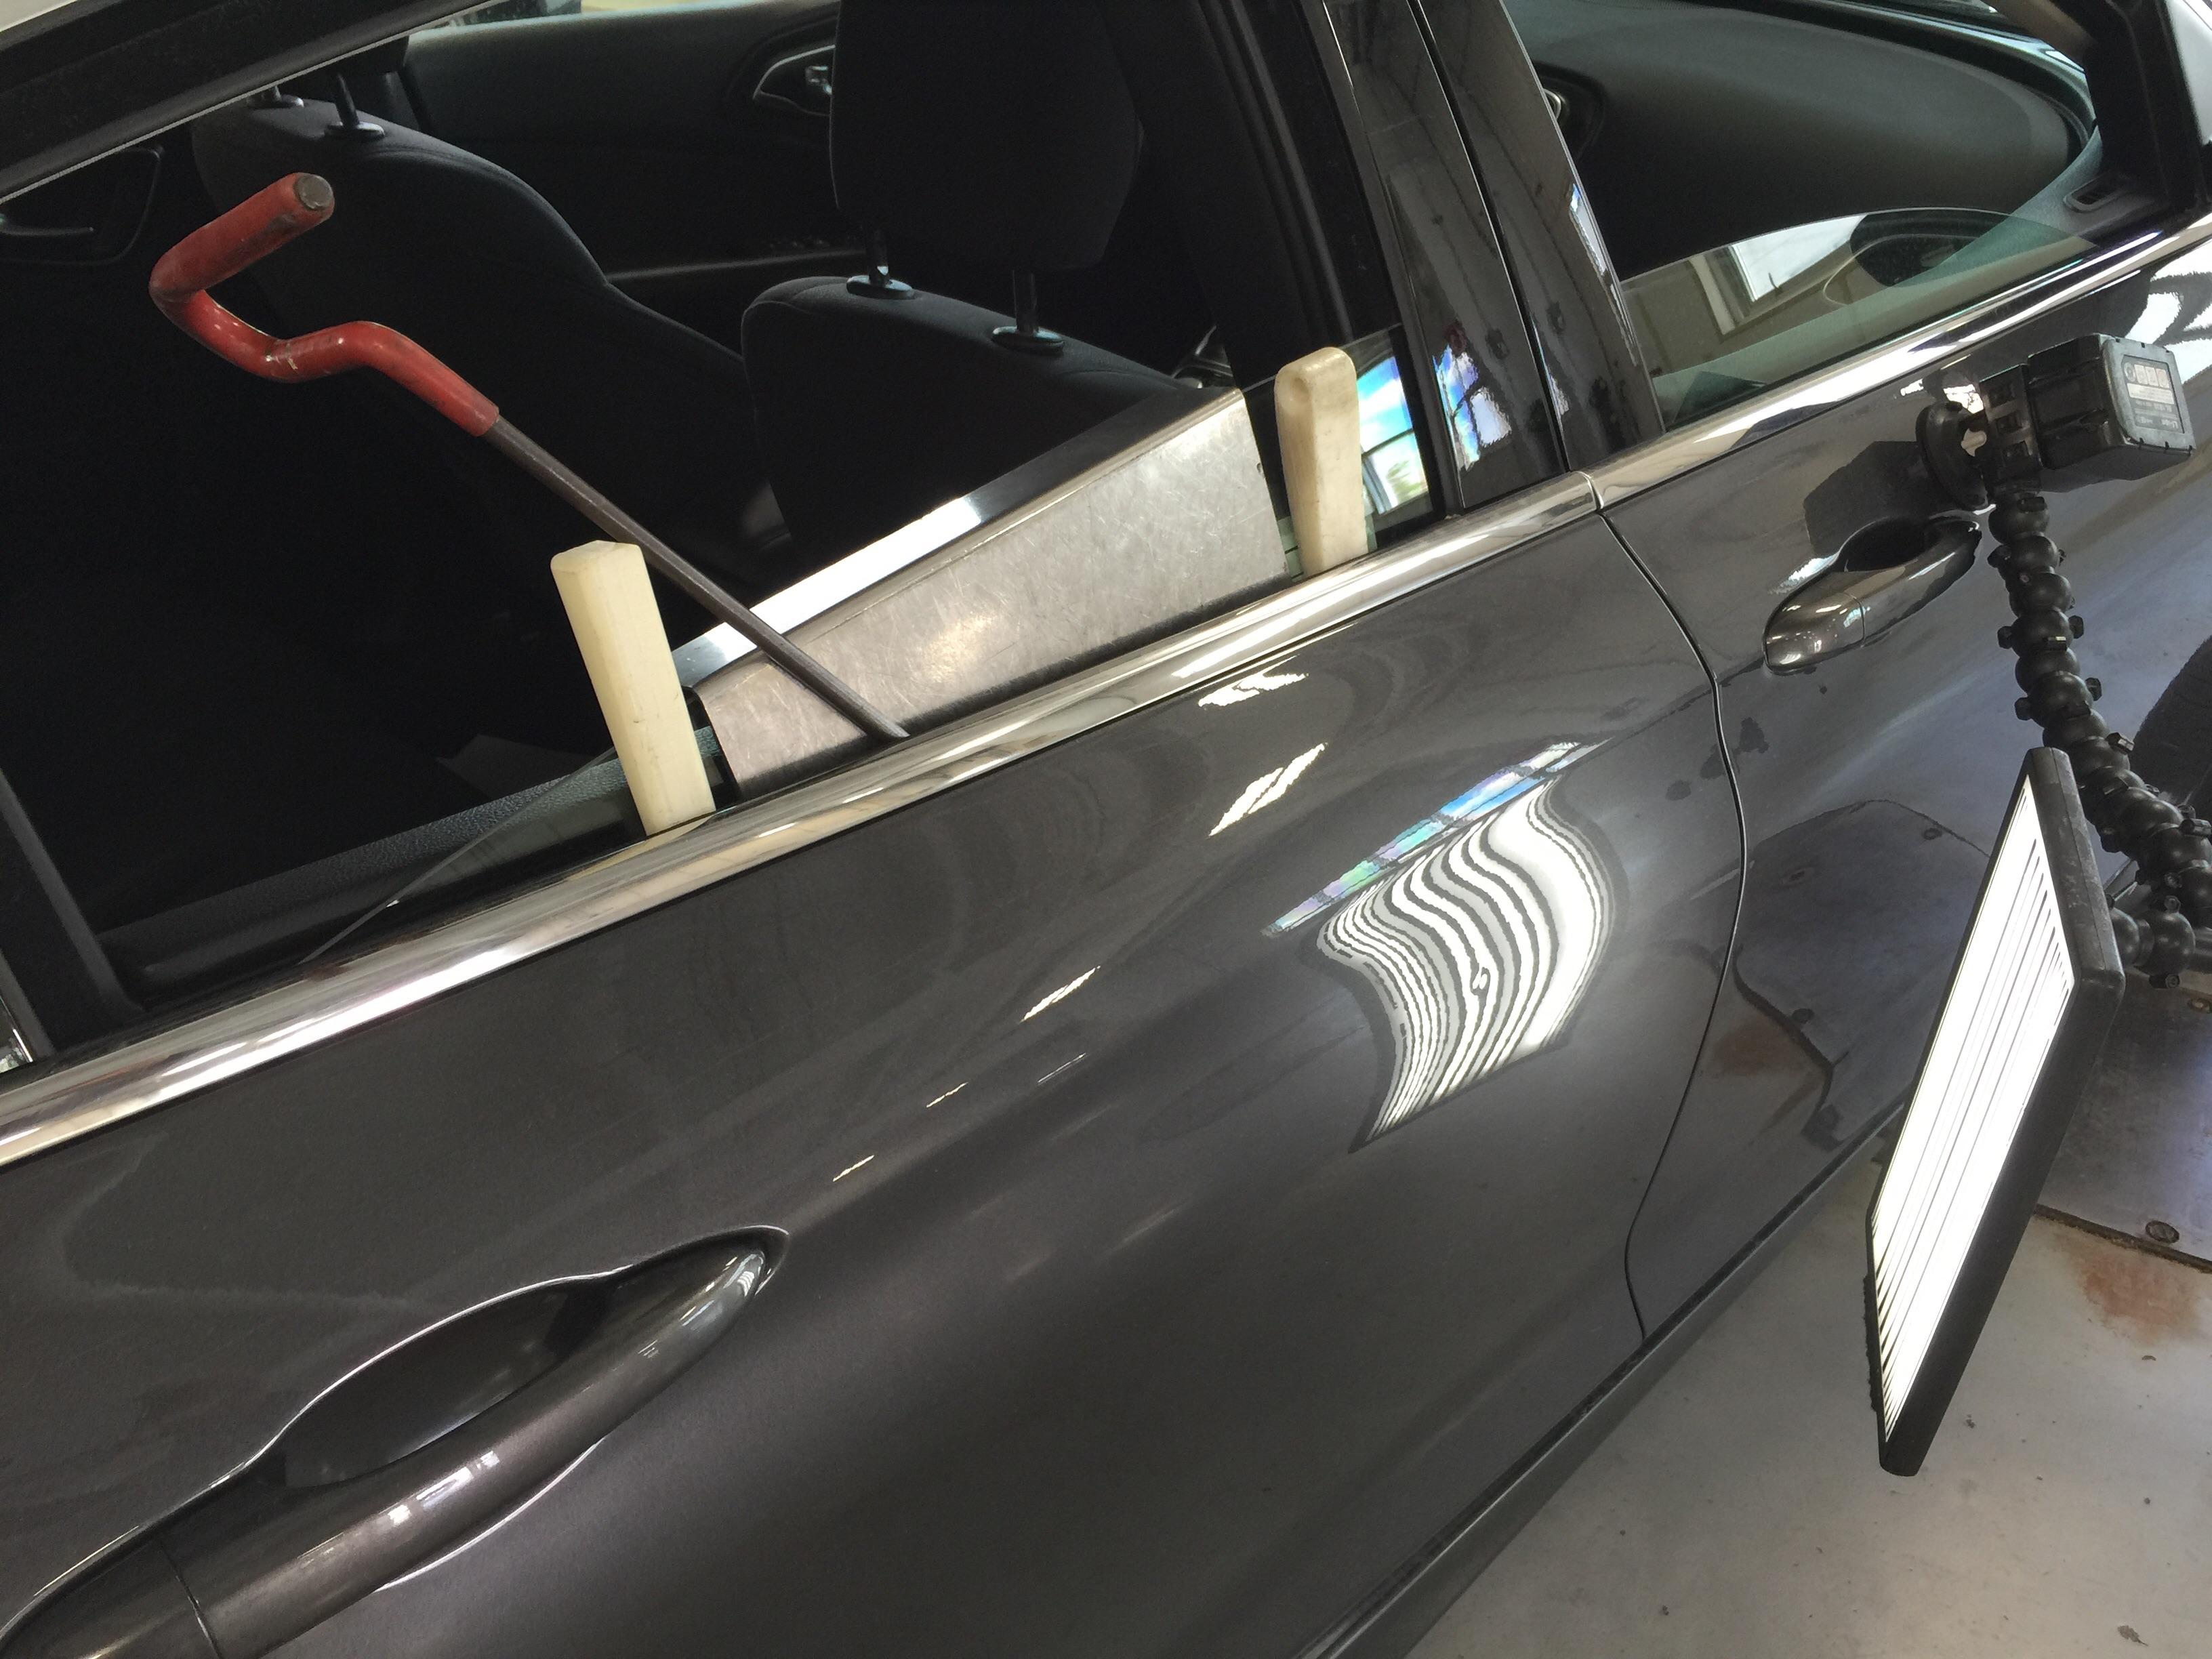 Paintless Dent Removal Cost >> 2015 Chrysler 200 Gray Metallic | Dent On Passenger Side ...